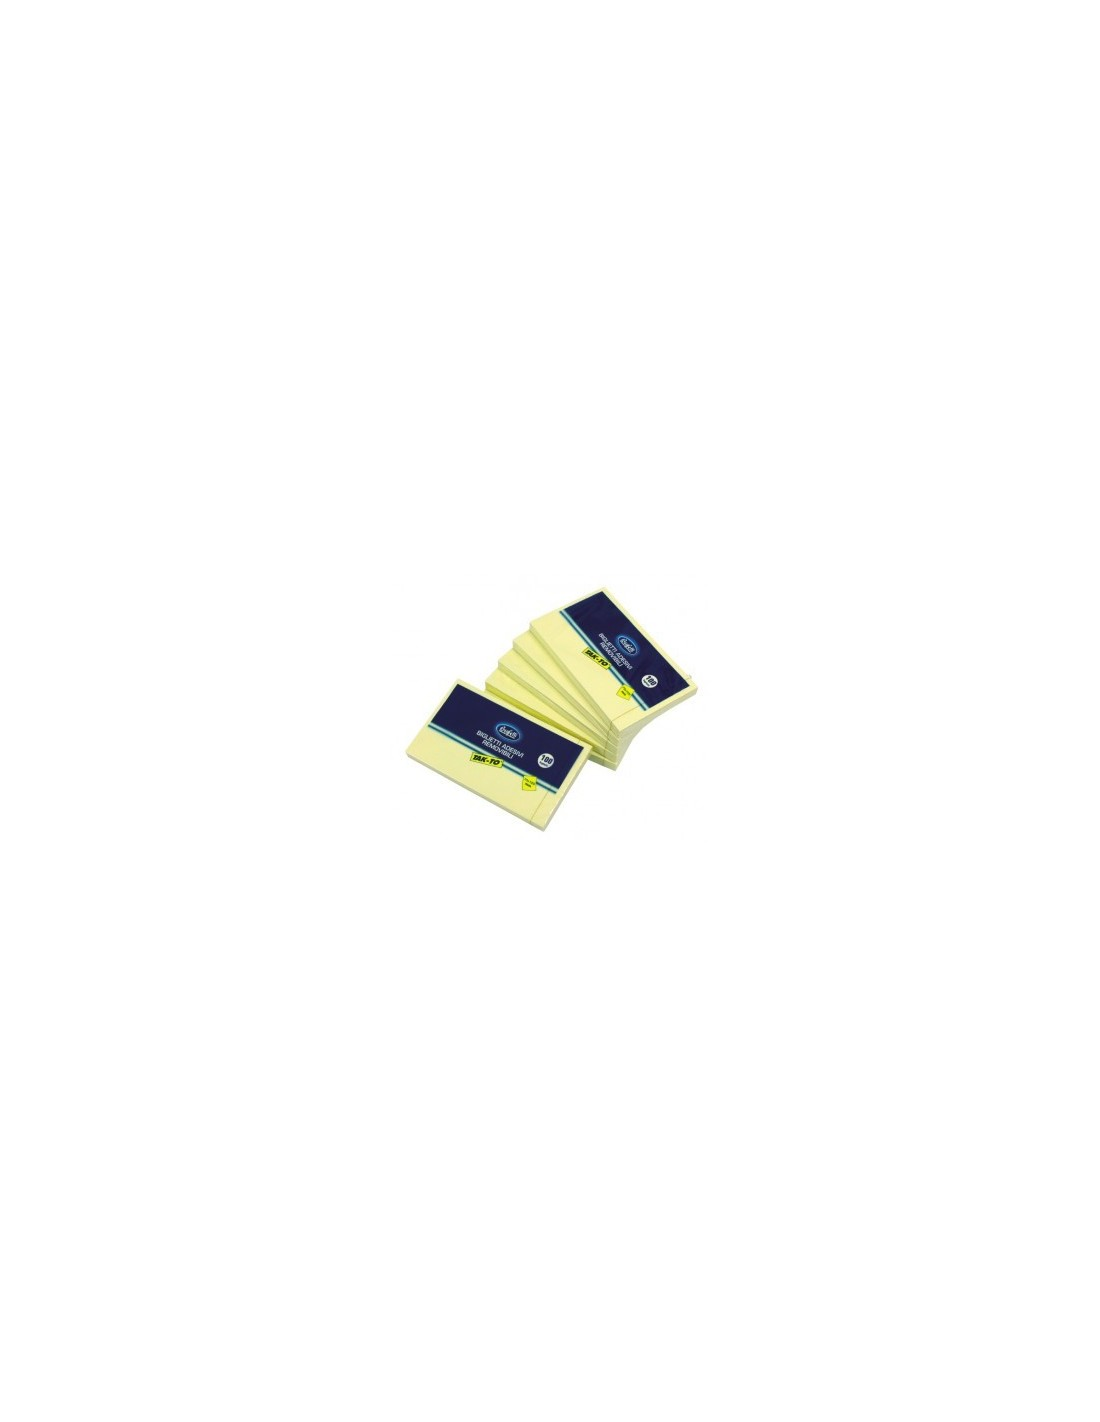 biglietti-adesivi-75x125-giall-colore-giallo-buffetti